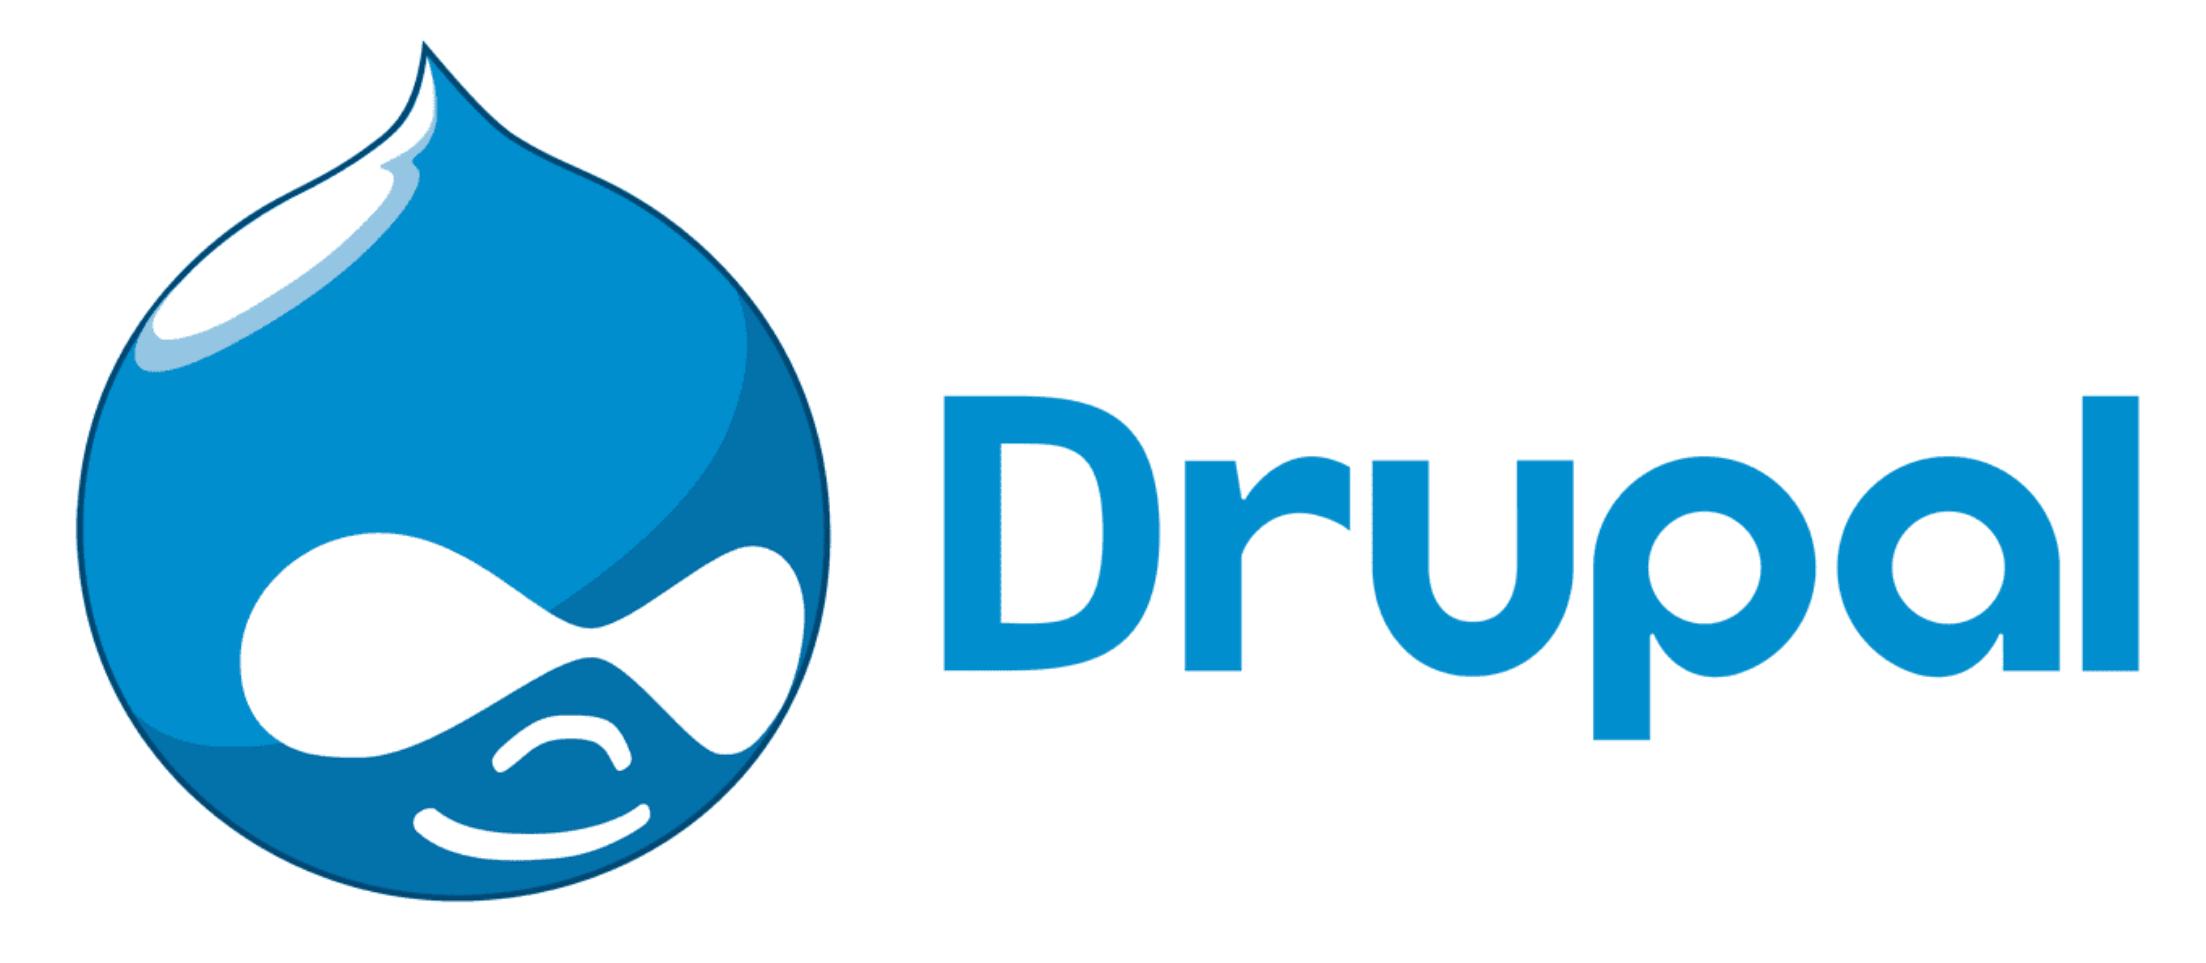 The Drupal logo is seen.